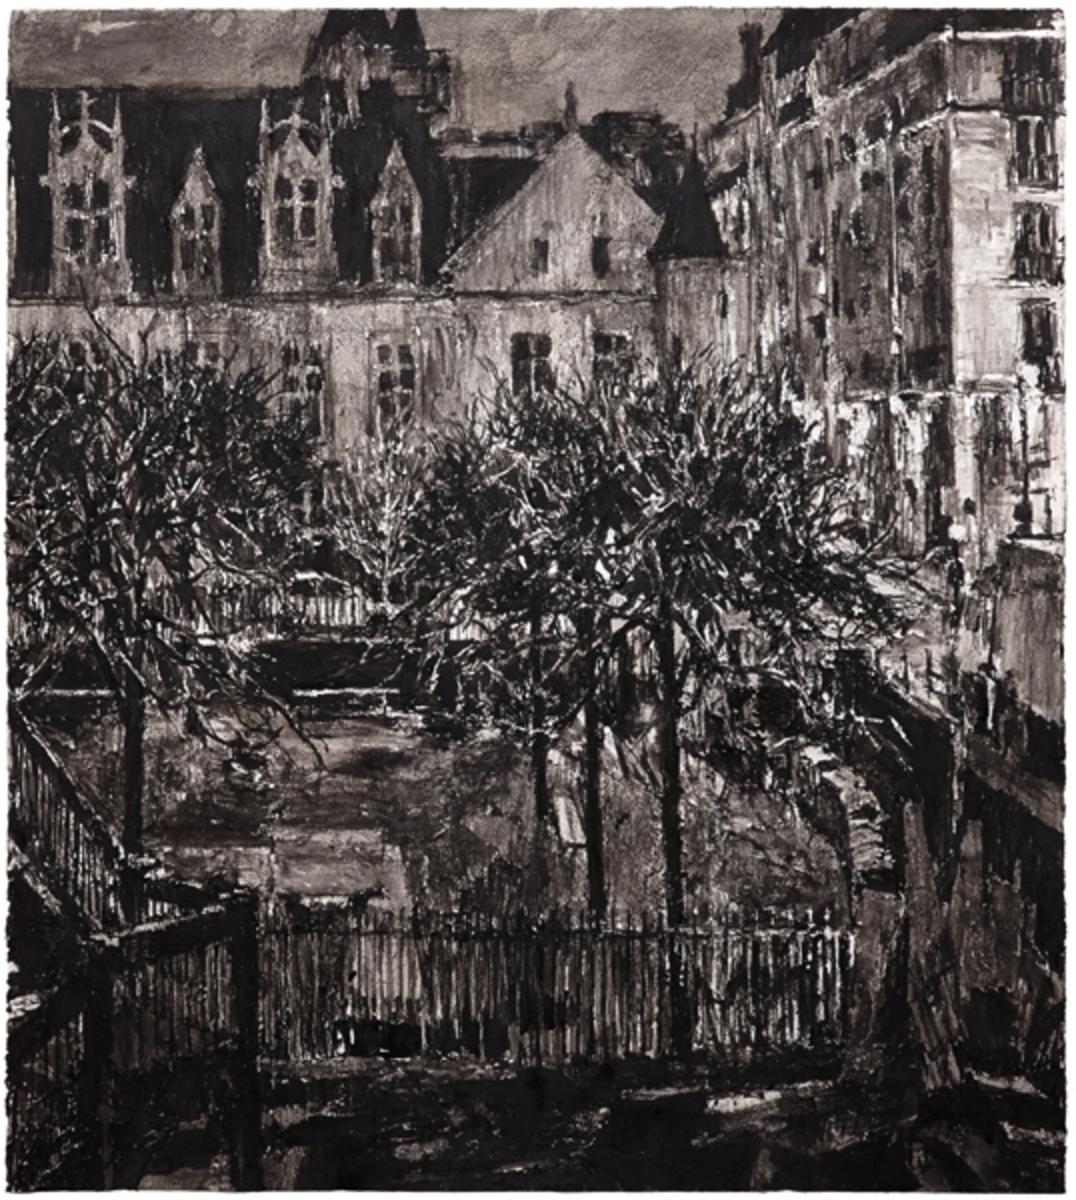 Paris nocturne (3a.m.)